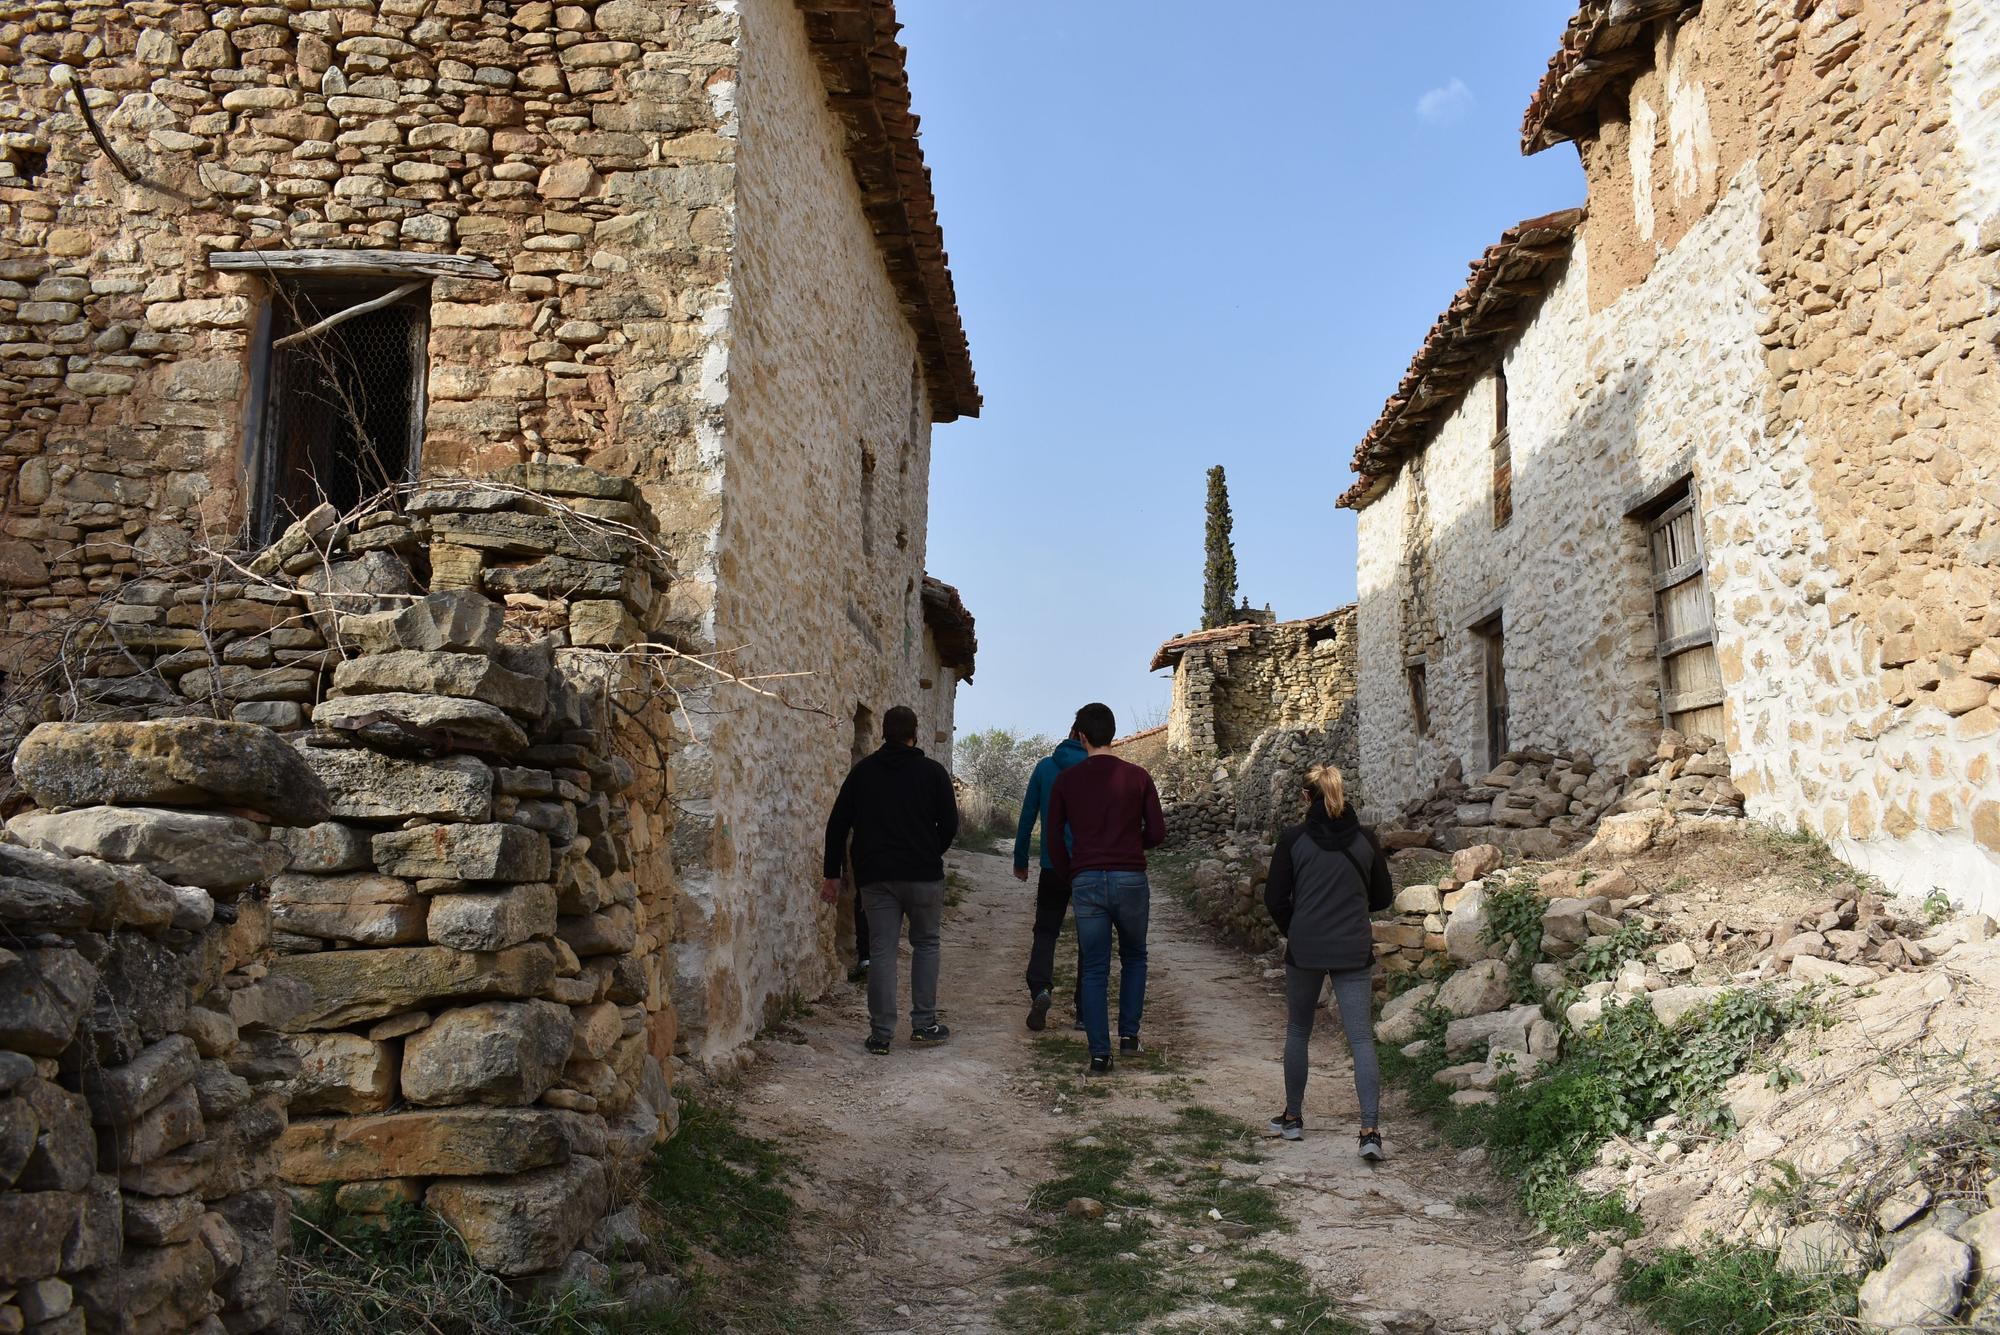 Les Alberedes, un poblado abandonado de Els Ports en el que se proyectan alojamientos rurales.